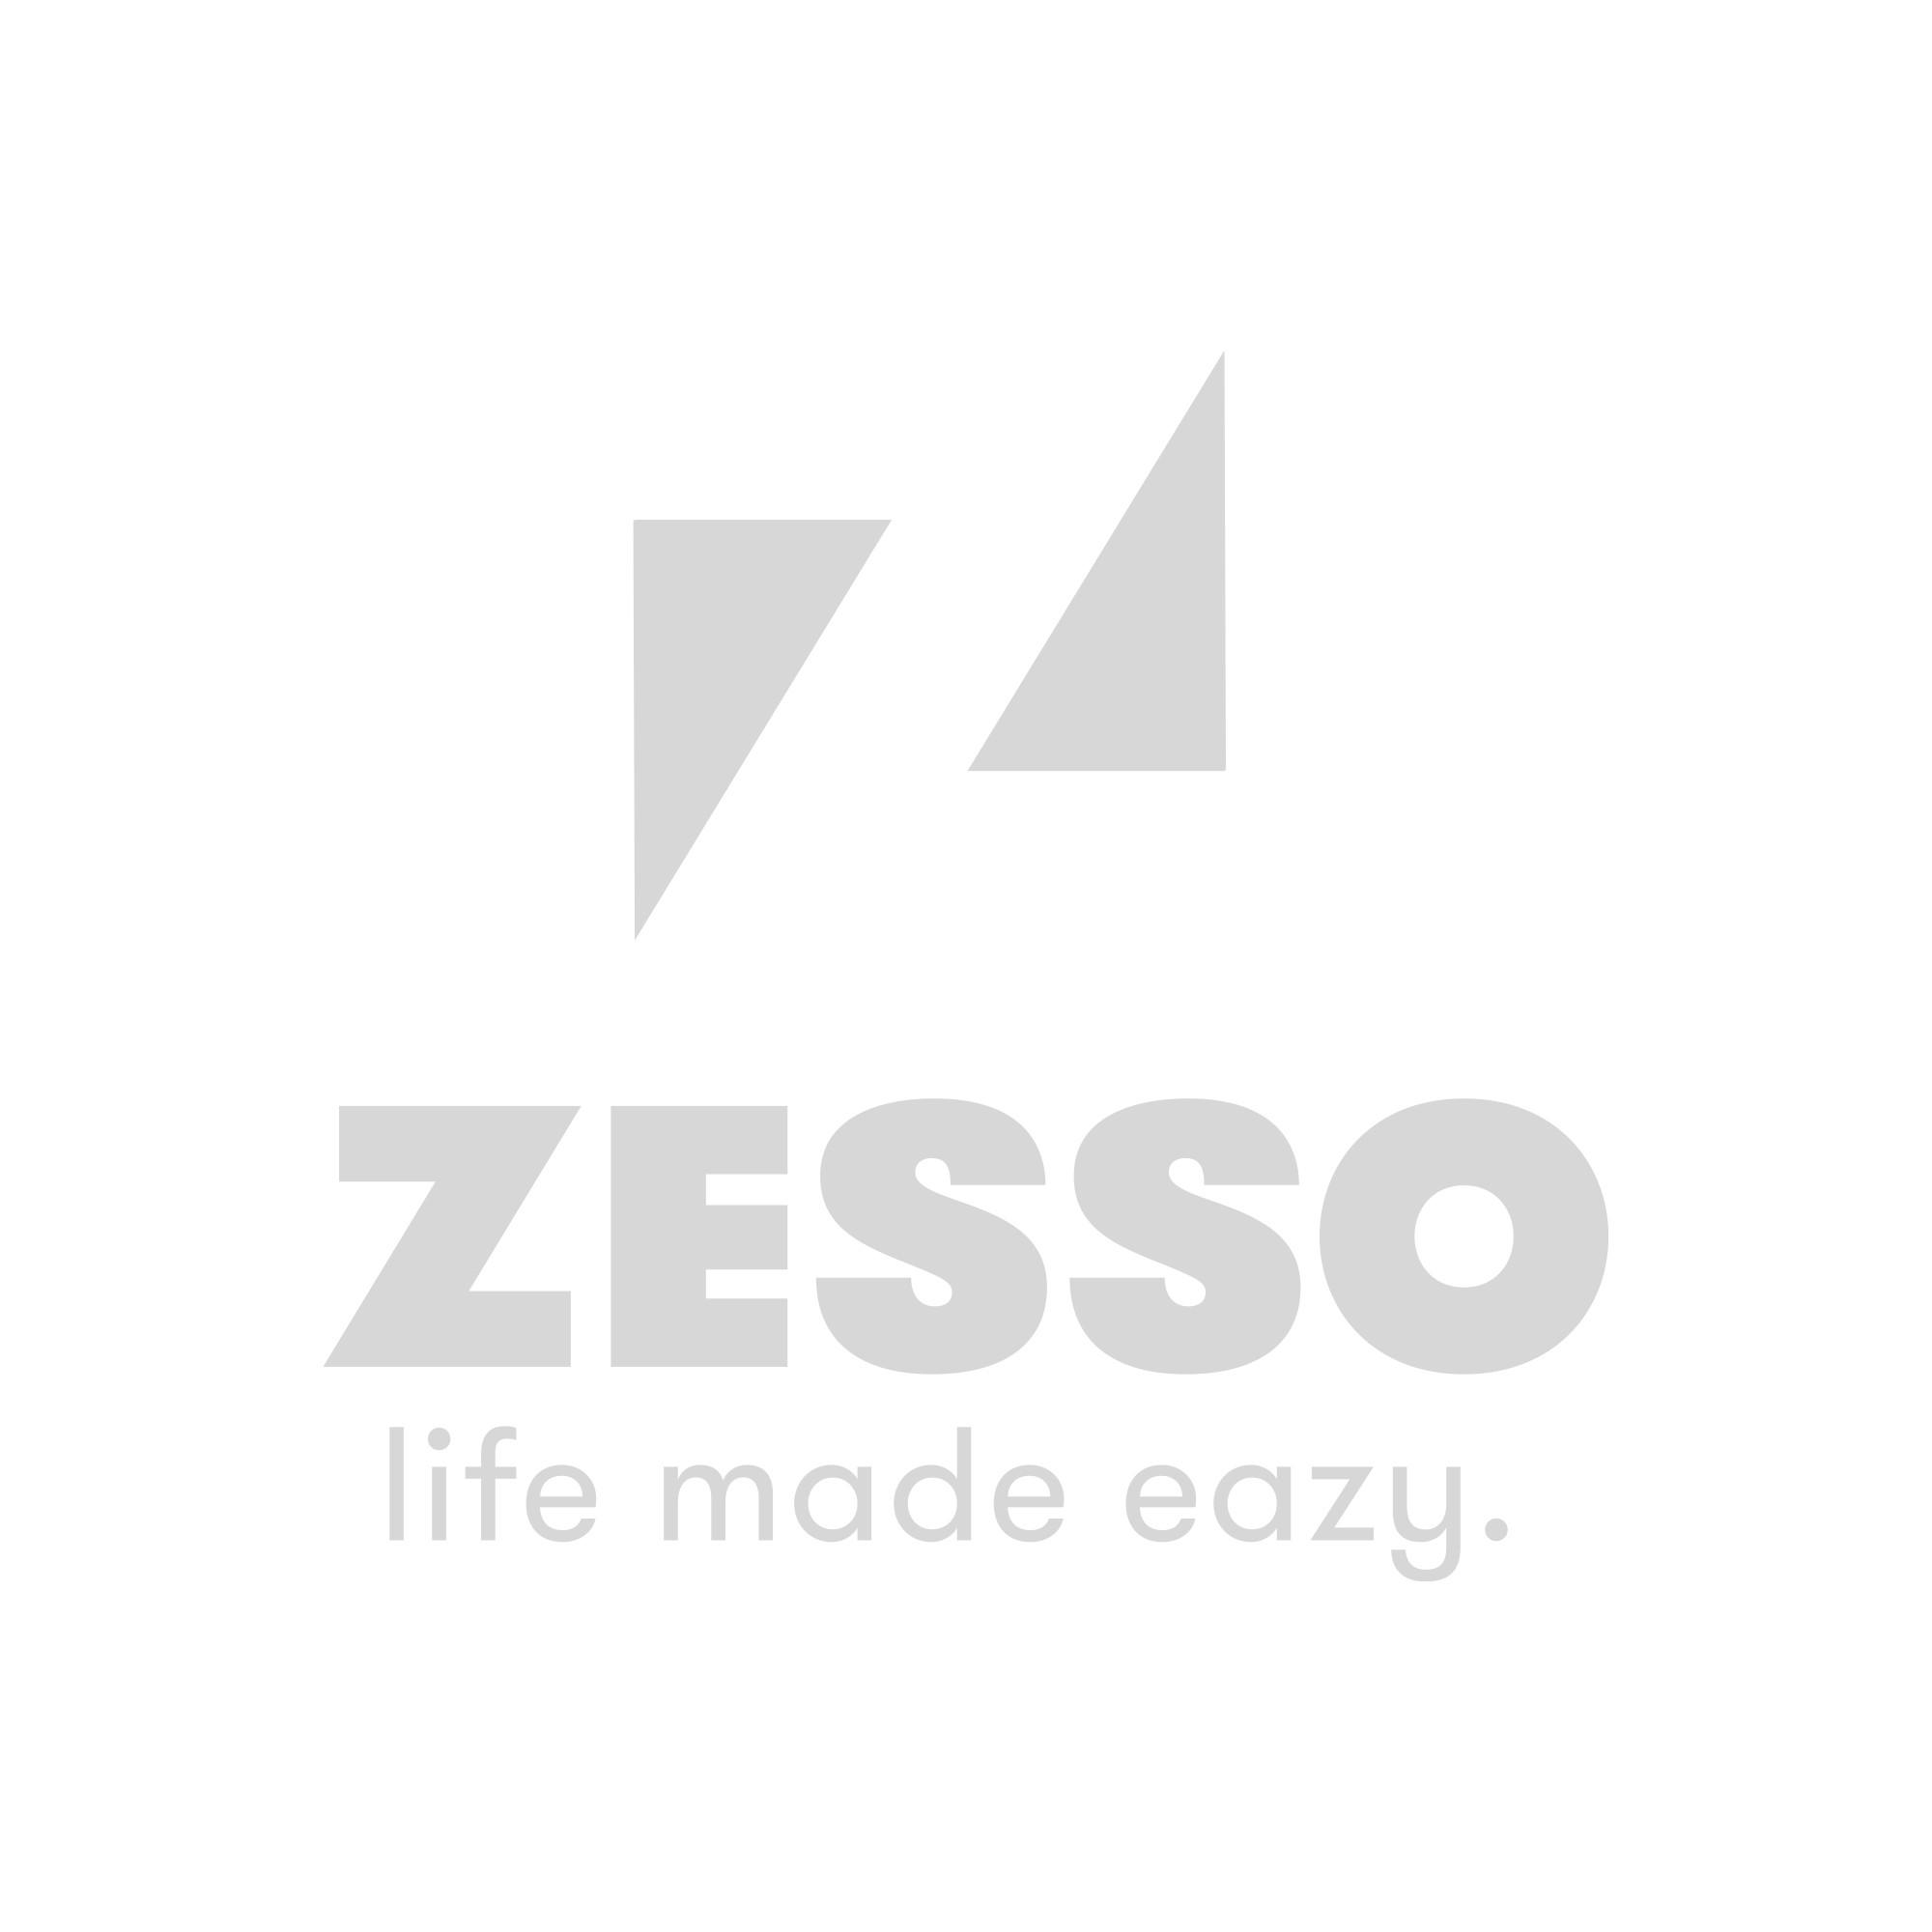 Razor Elektrische Scooter Vanaf 3 Jaar Lil' E Pink